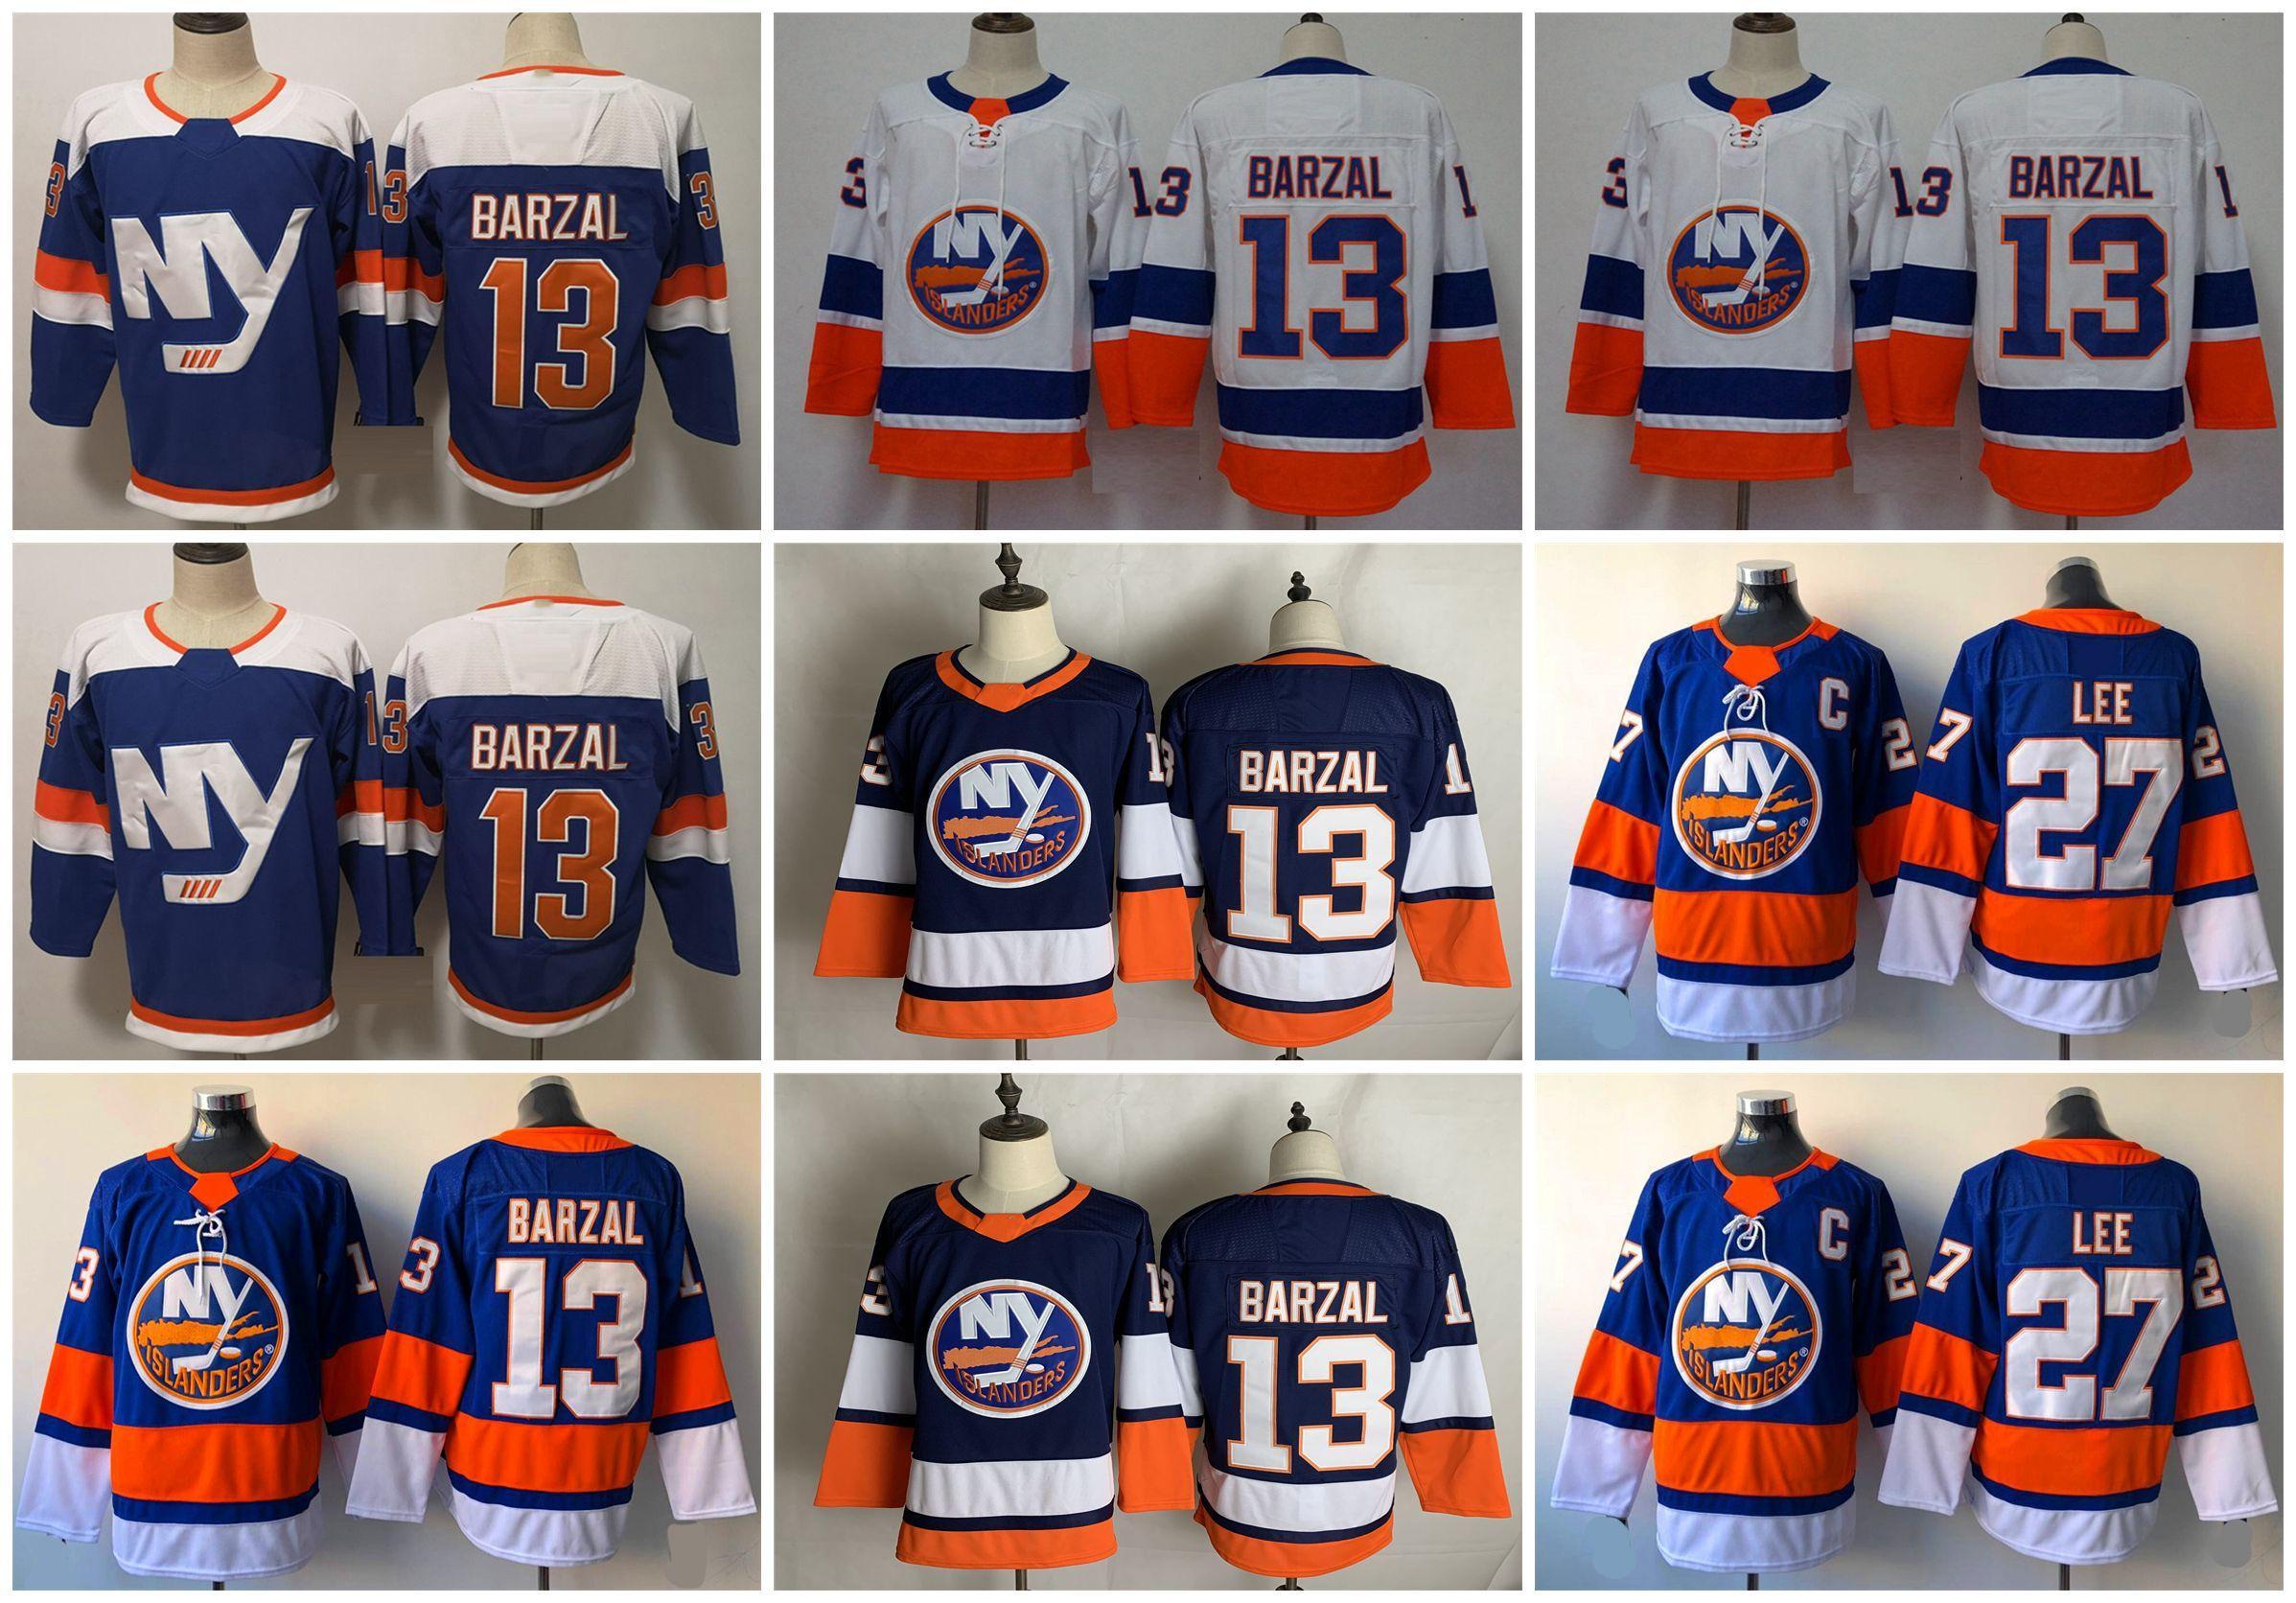 2021 York Islanders Hockey Jerseys Jerseys Mathew Barzal Jersey Jean-Gabriel Pageau Anders Lee Brock Nelson Anthony Beauvillier cosido